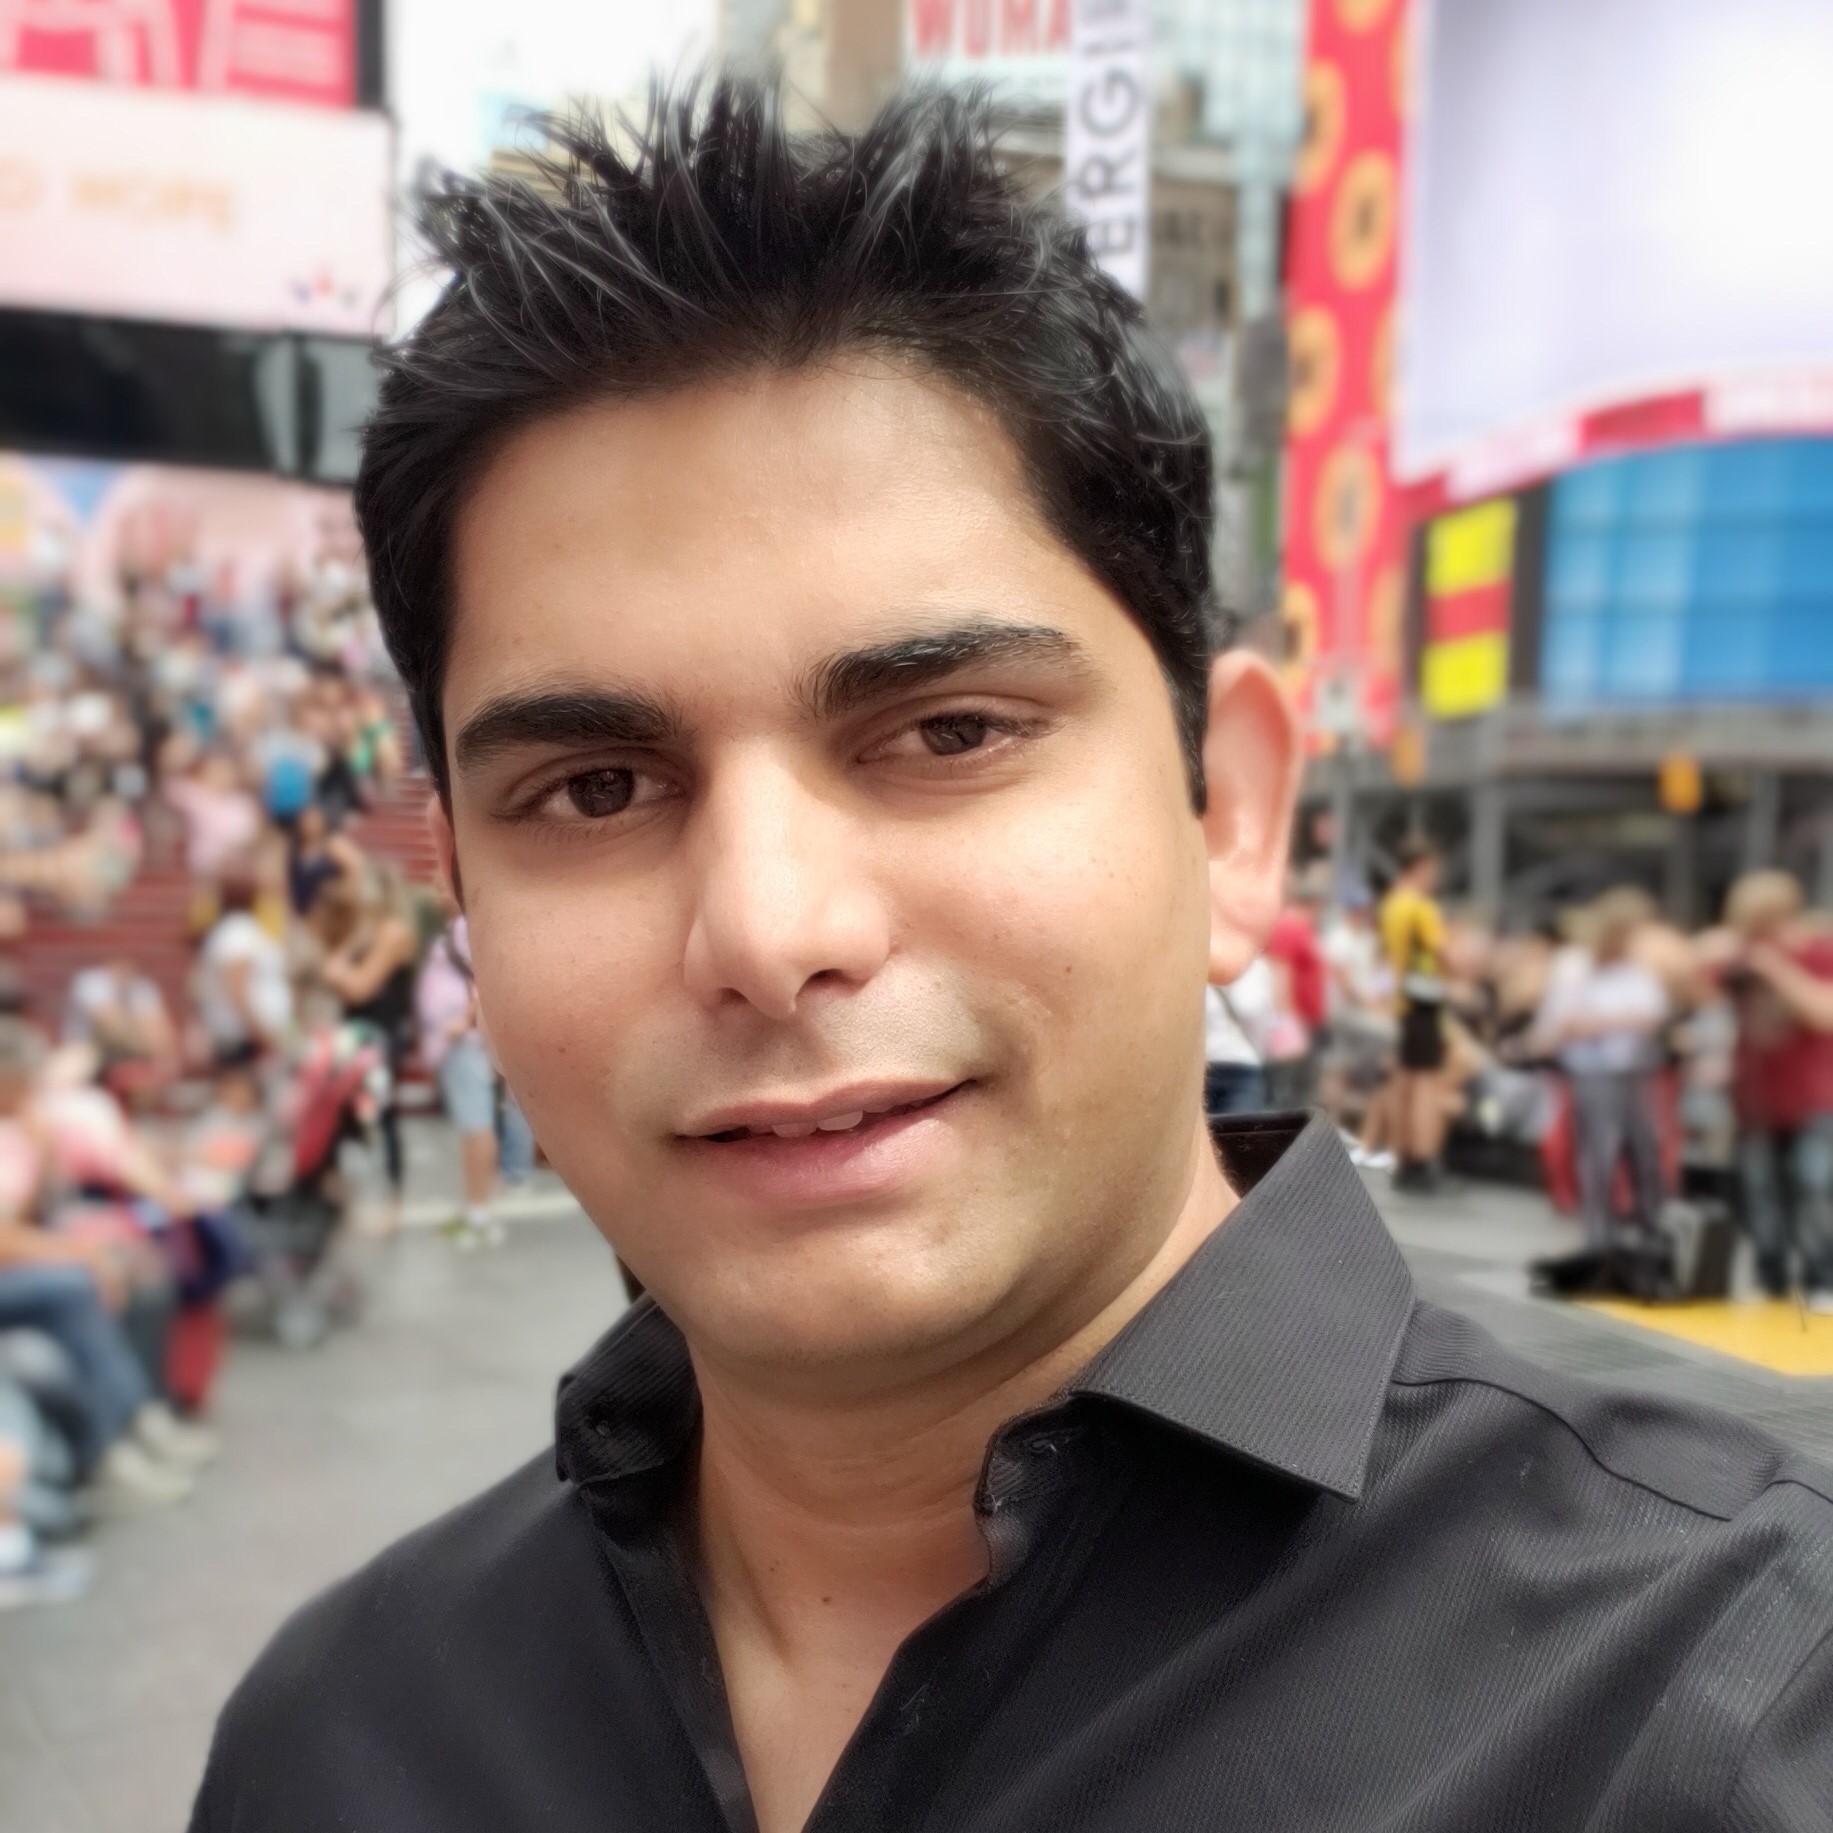 Shehzan Mohammed